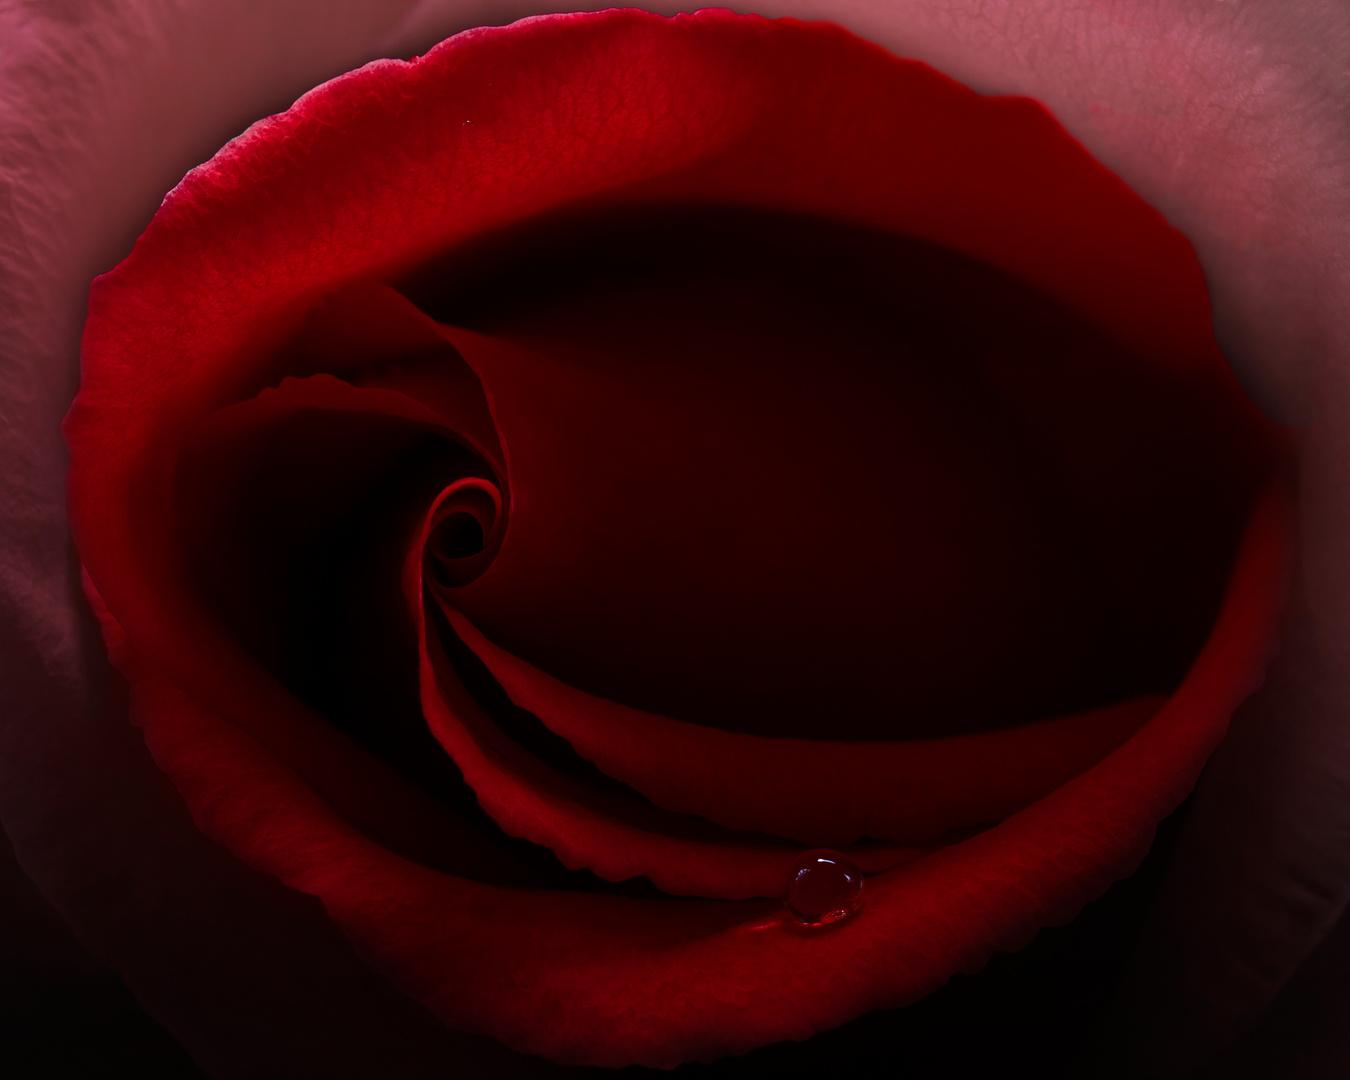 Der Rosen-Mund